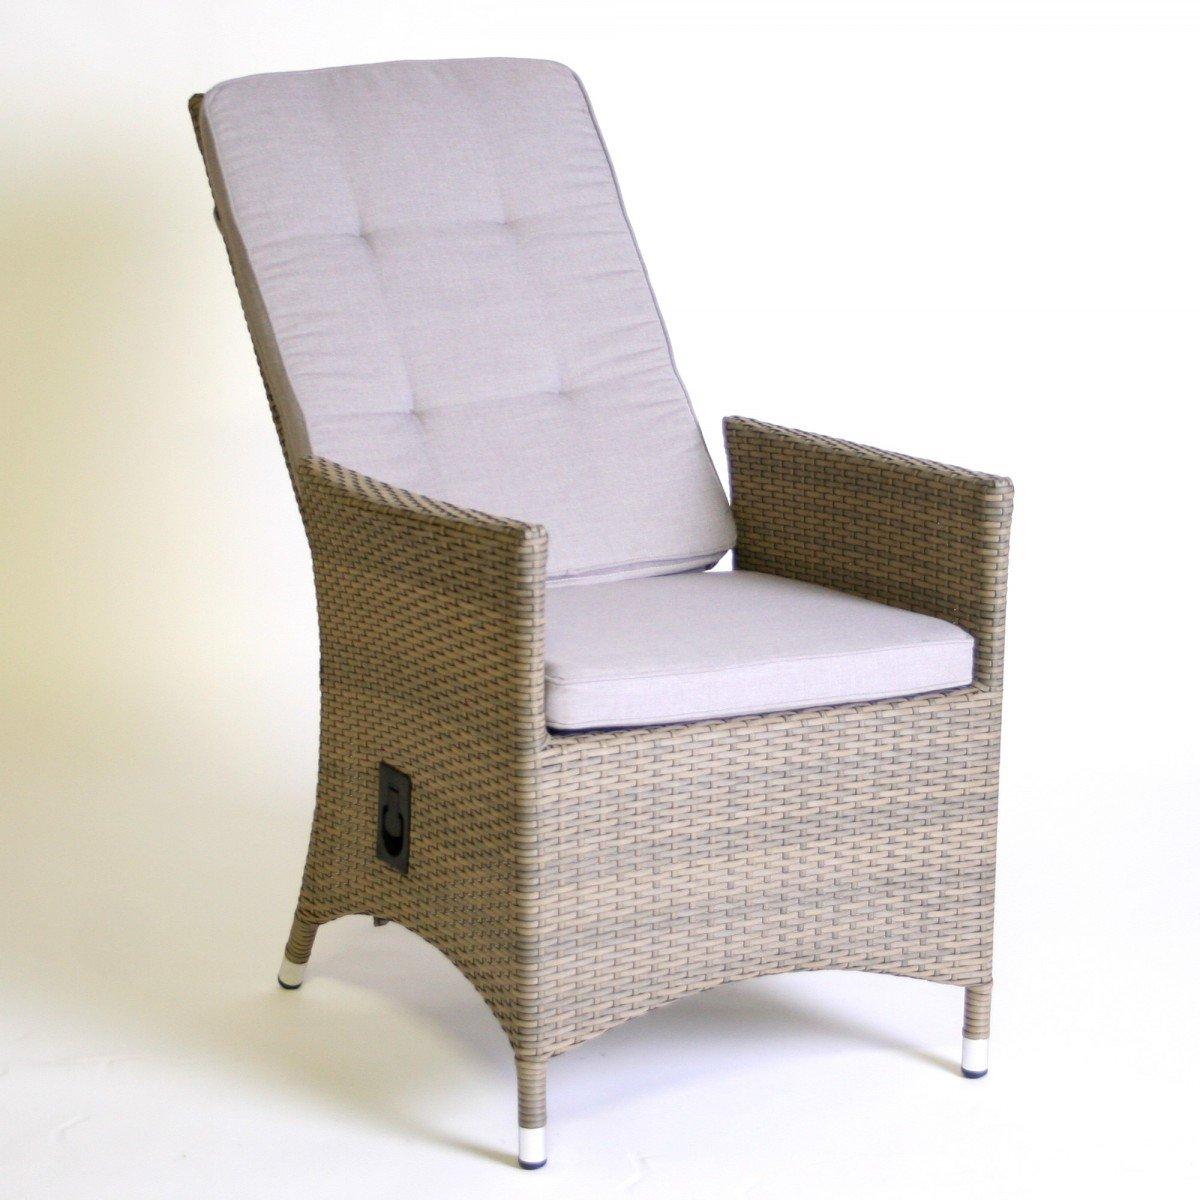 Hochlehner 'Relax' inkl. Polster Gartenstuhl Gartensessel Rattan braun-beige Liegestuhl , Farbe:Beige online kaufen